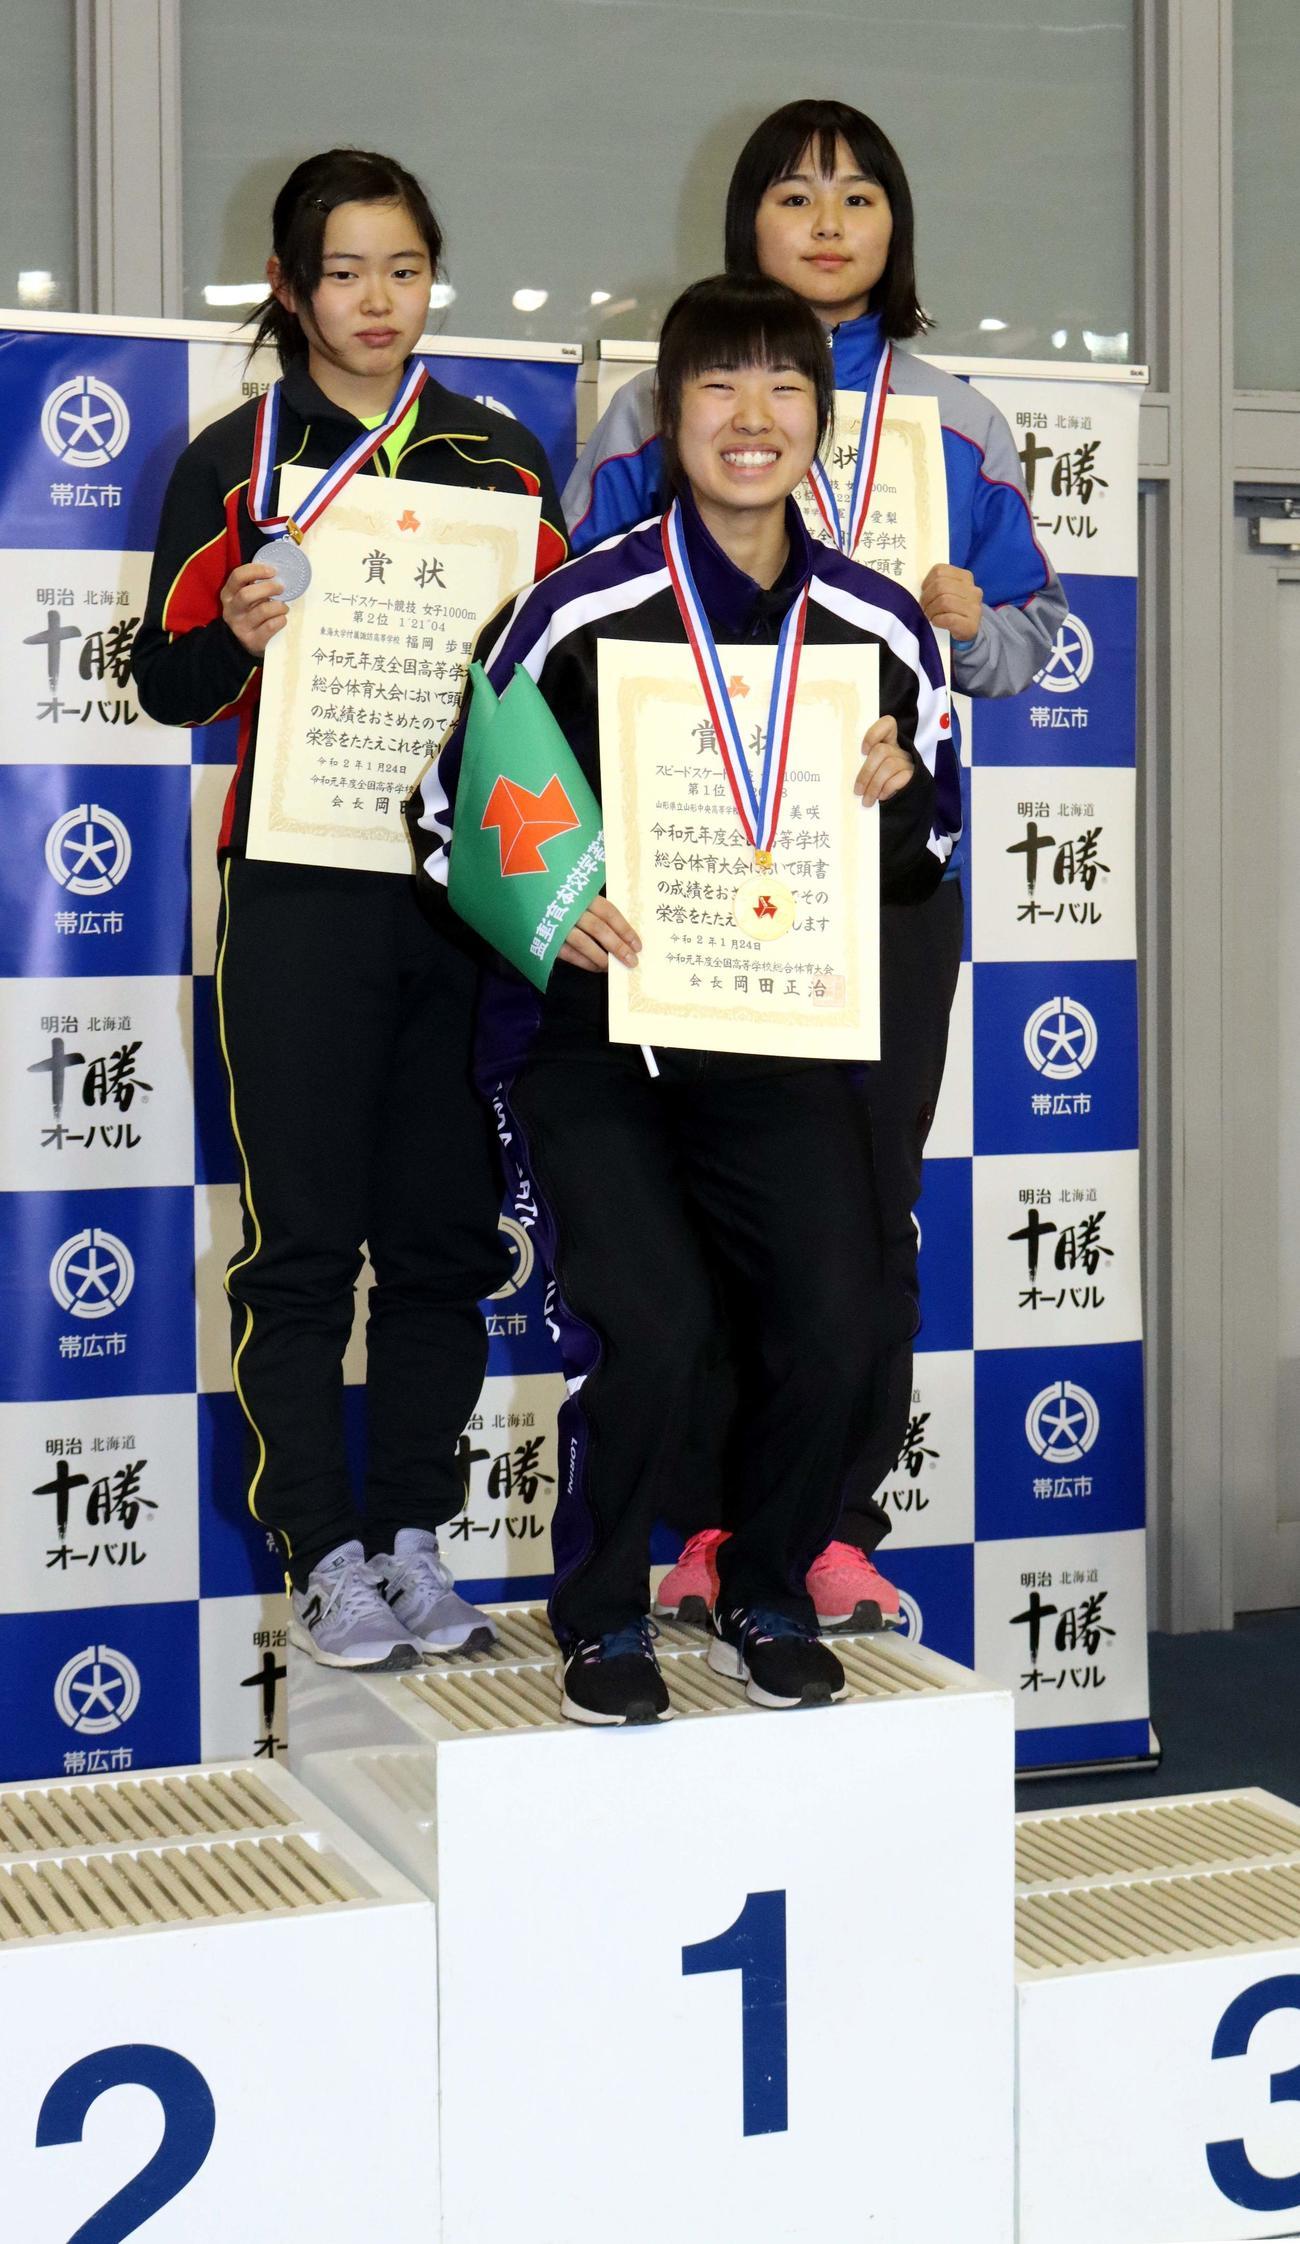 女子1000メートルで初優勝した真野(中央)。左は2位の両角、右は3位の軍司(撮影・永野高輔)